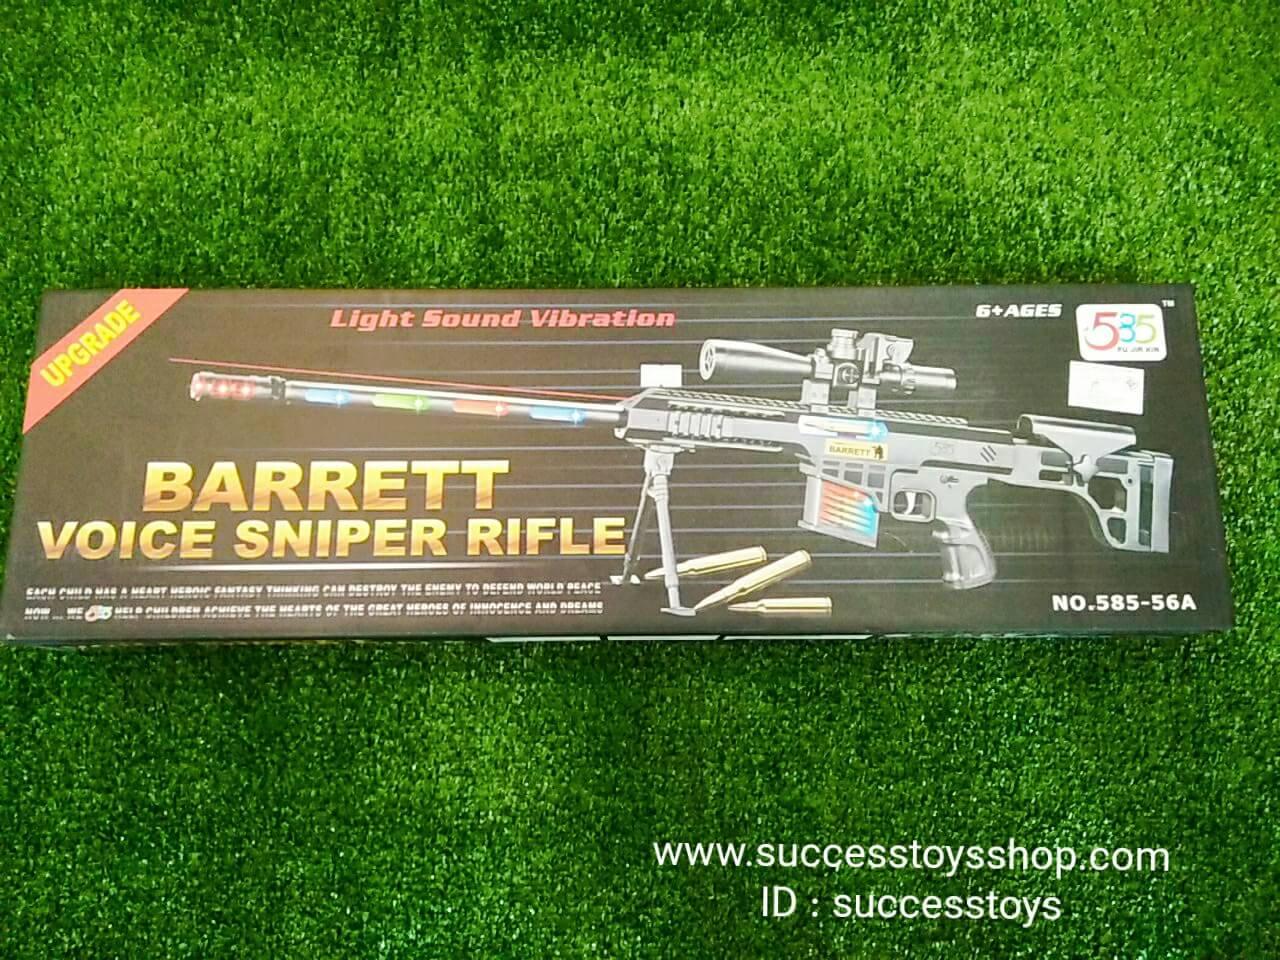 ปืนเรเซอร์มีไฟมีเสียง Barrett voic snioer rifle